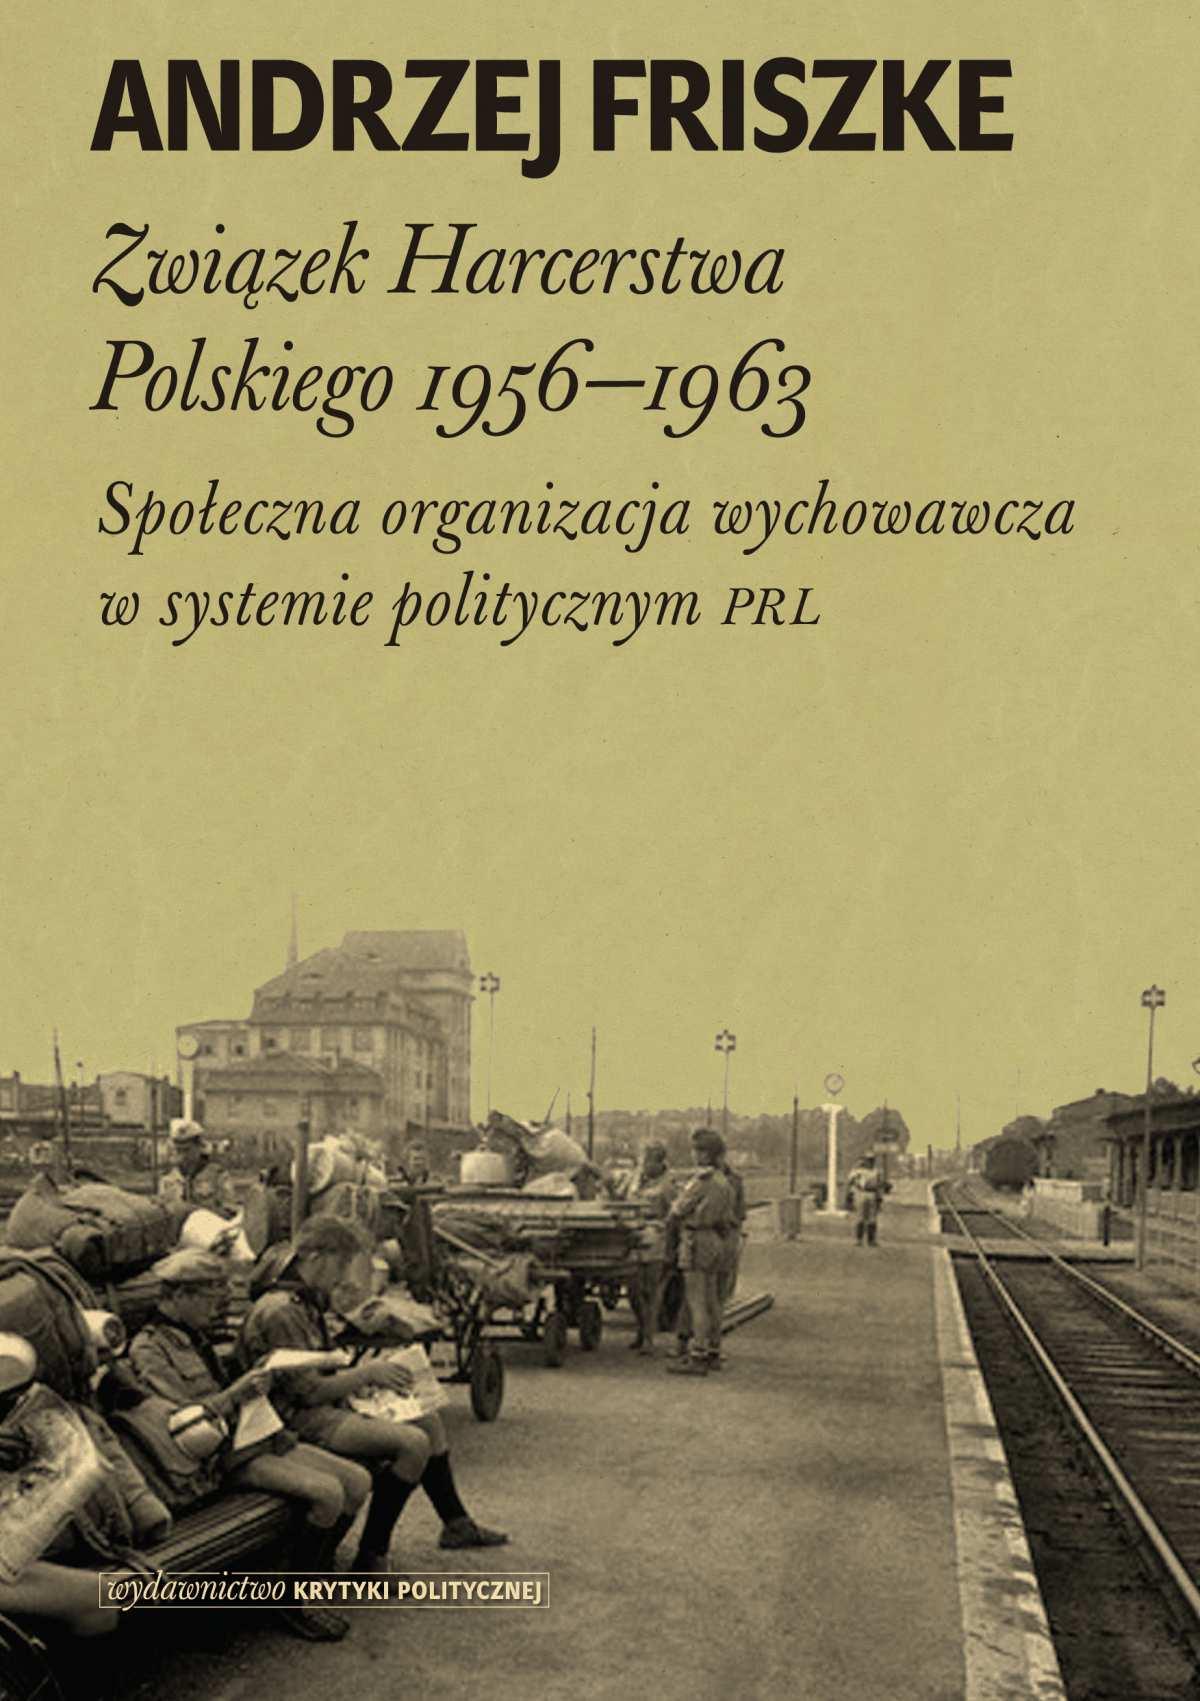 Związek Harcerstwa Polskiego 1956-1963 - Ebook (Książka na Kindle) do pobrania w formacie MOBI